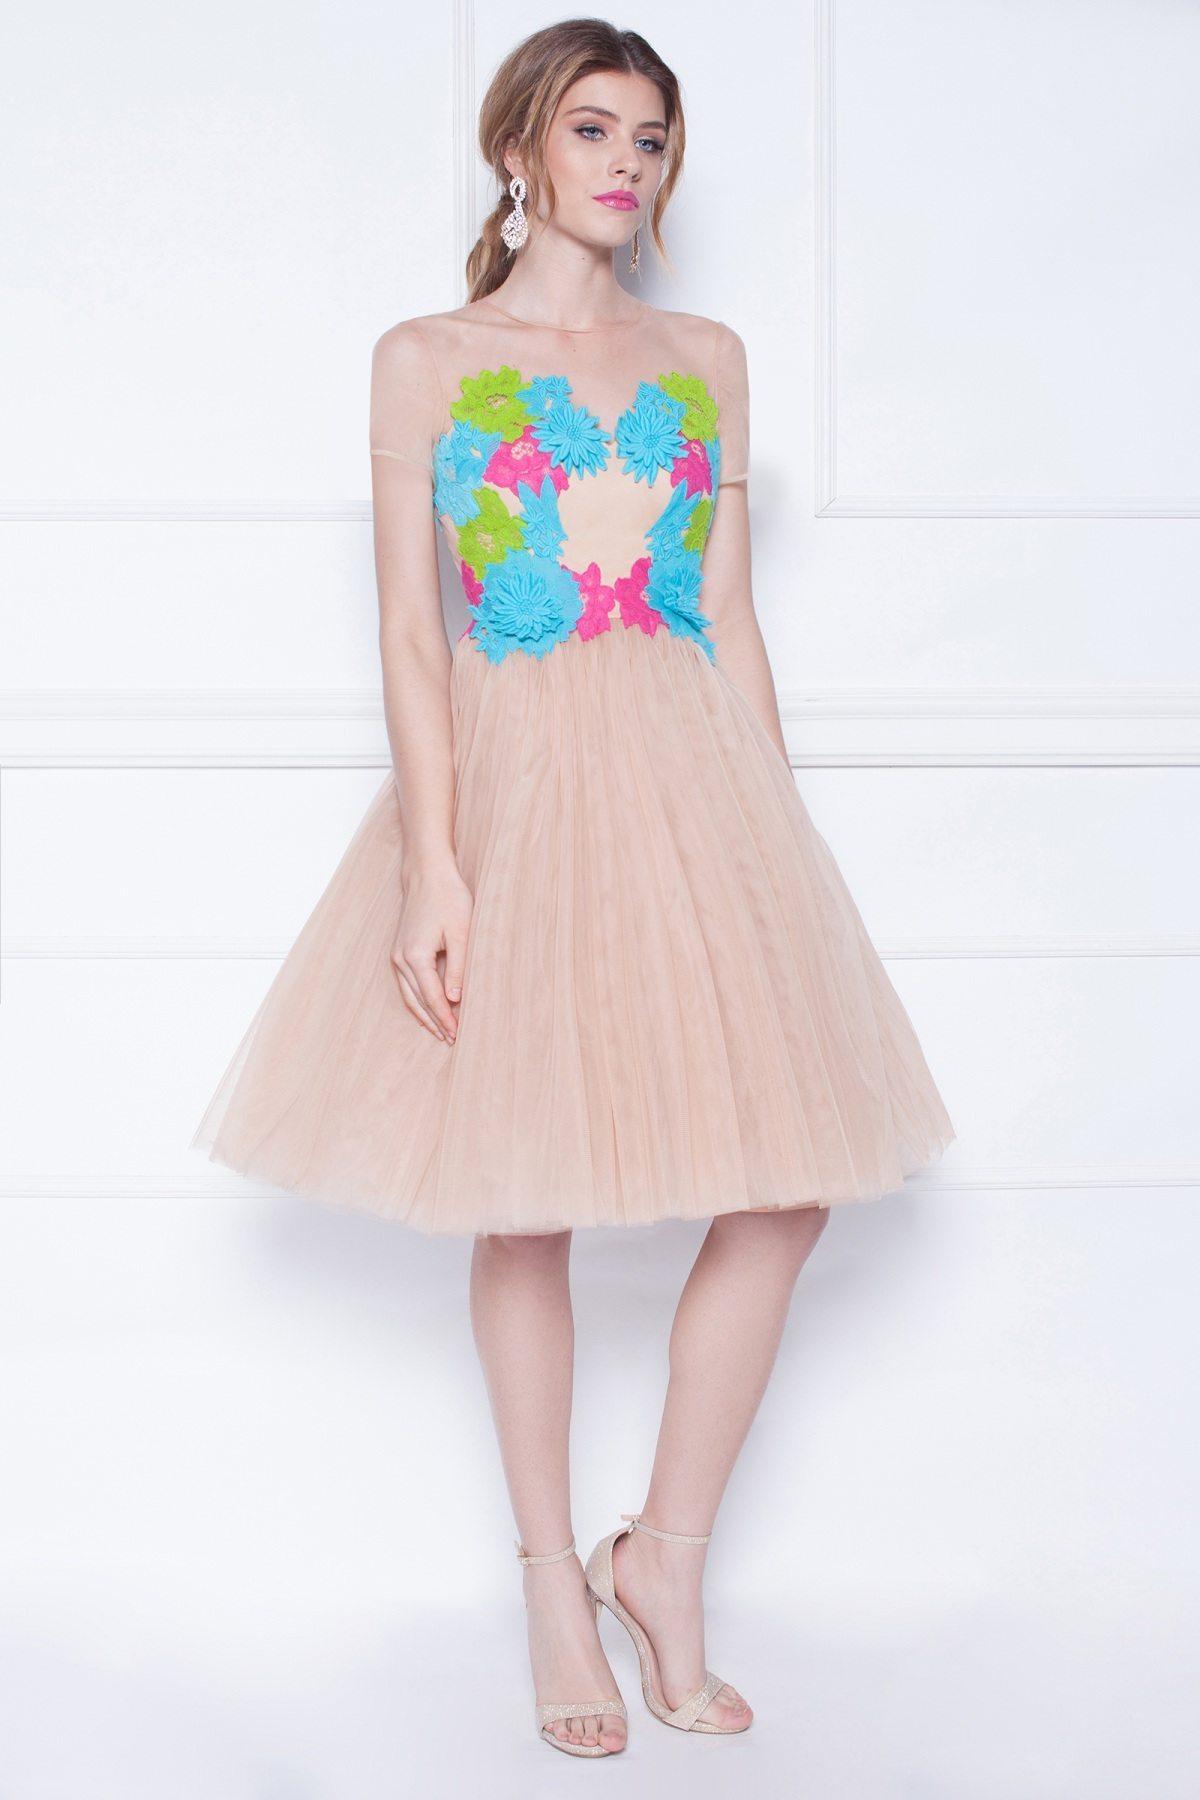 Rochie din tulle cu broderie multicolora Multicolor